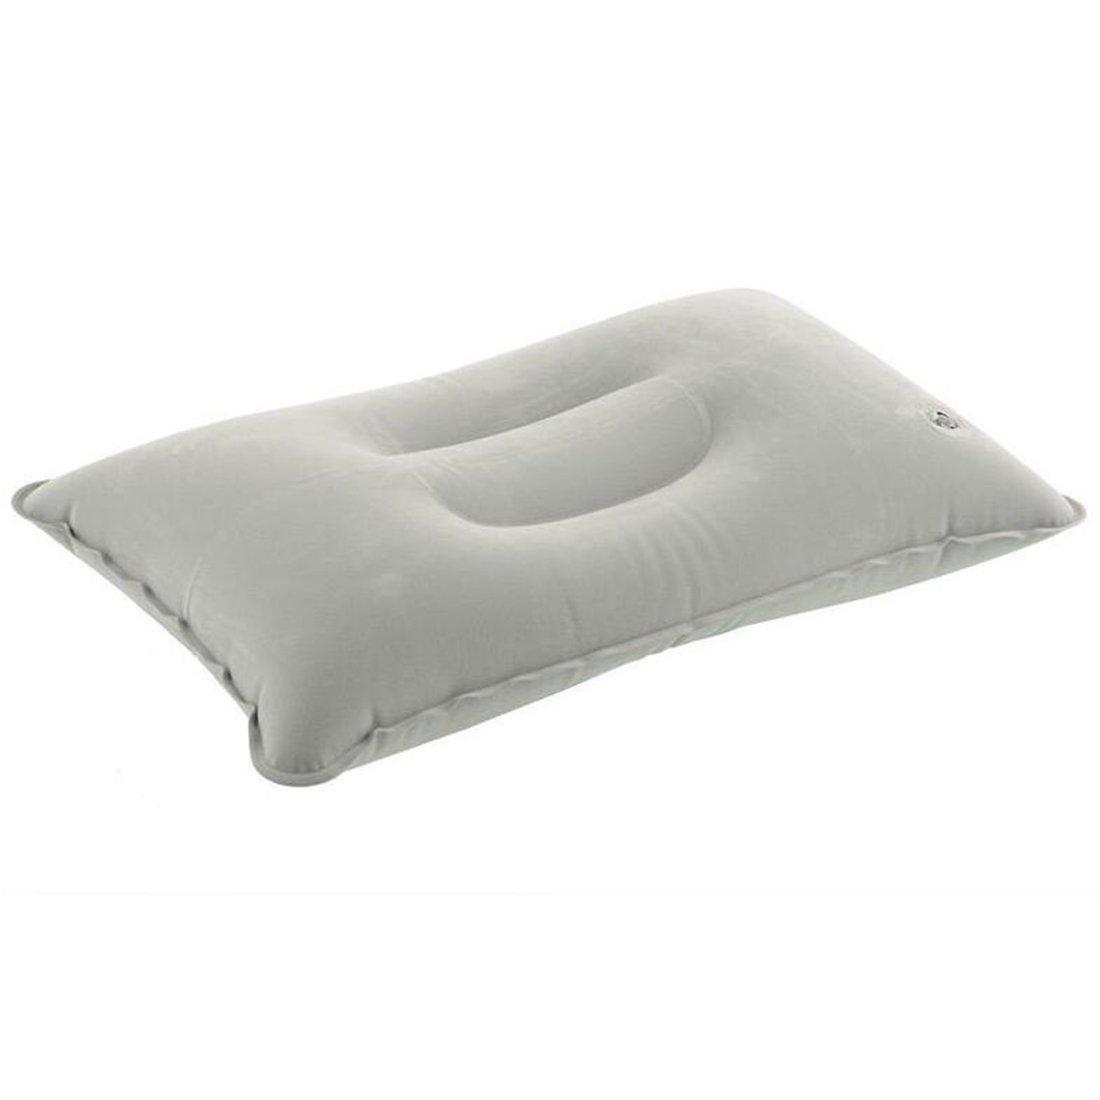 kokeo _ almacenar almohada hinchable aire hinchable de viaje ...